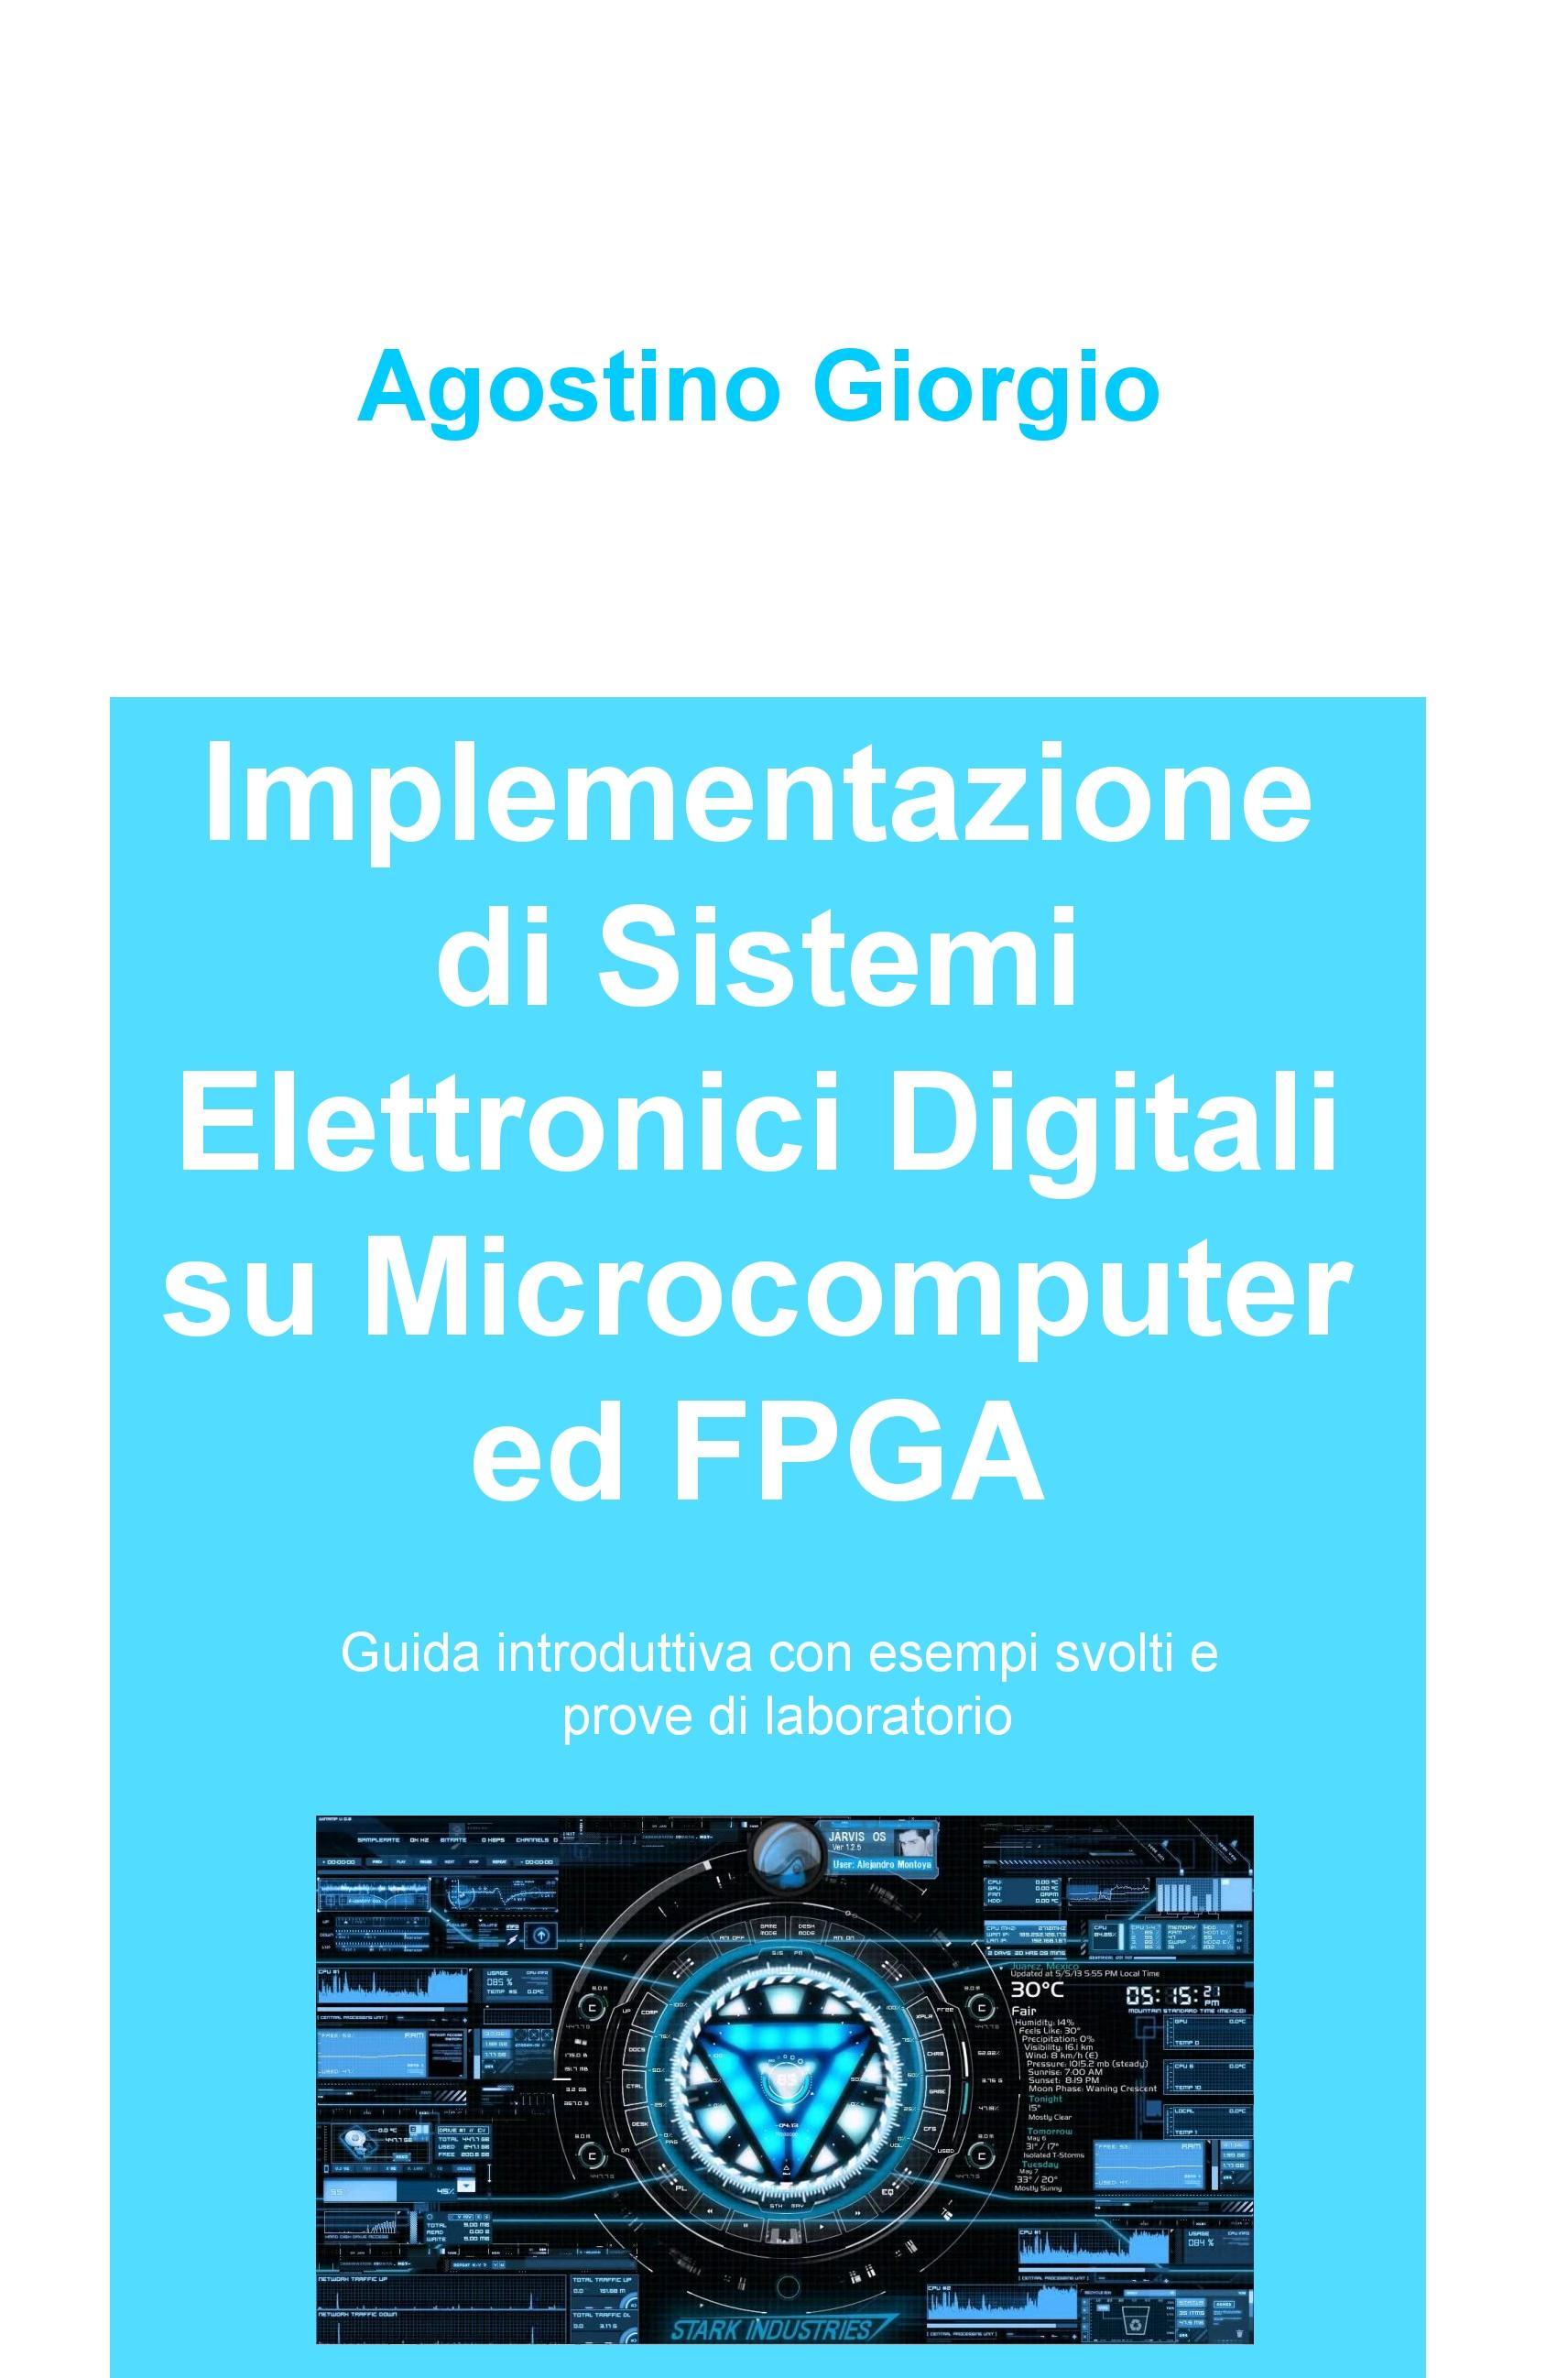 Implementazione di Sistemi Elettronici Digitali su Microcomputer ed FPGA